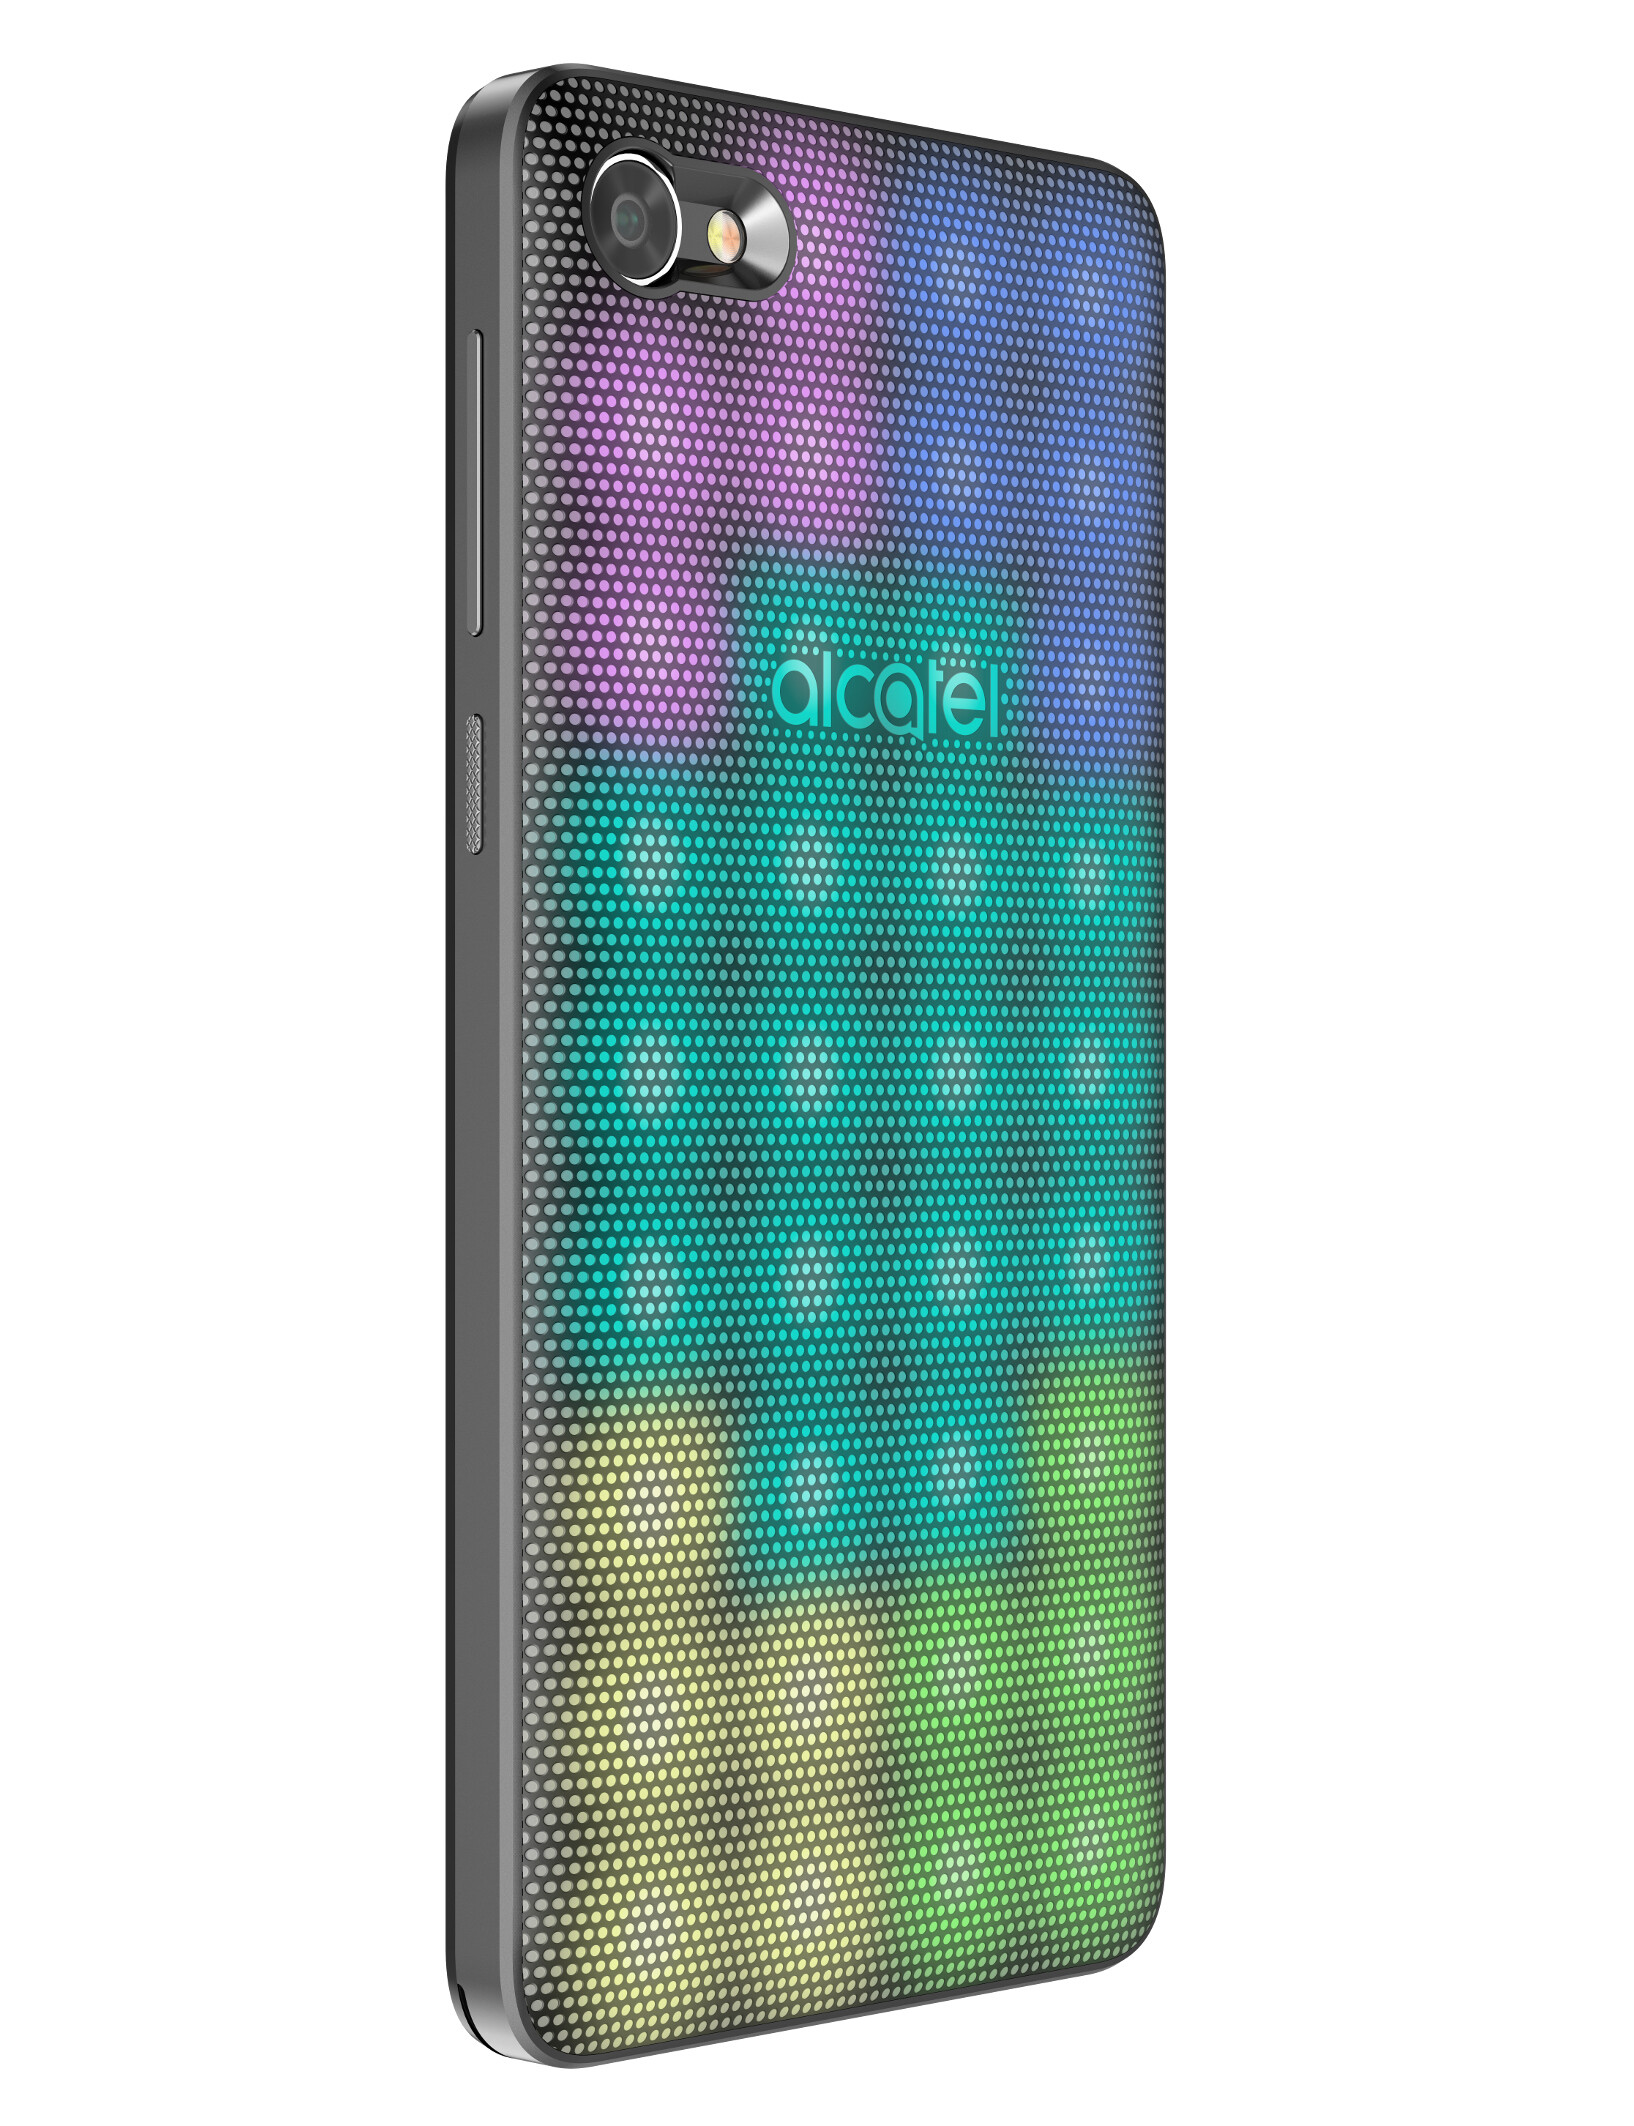 alcatel a5 led full specs